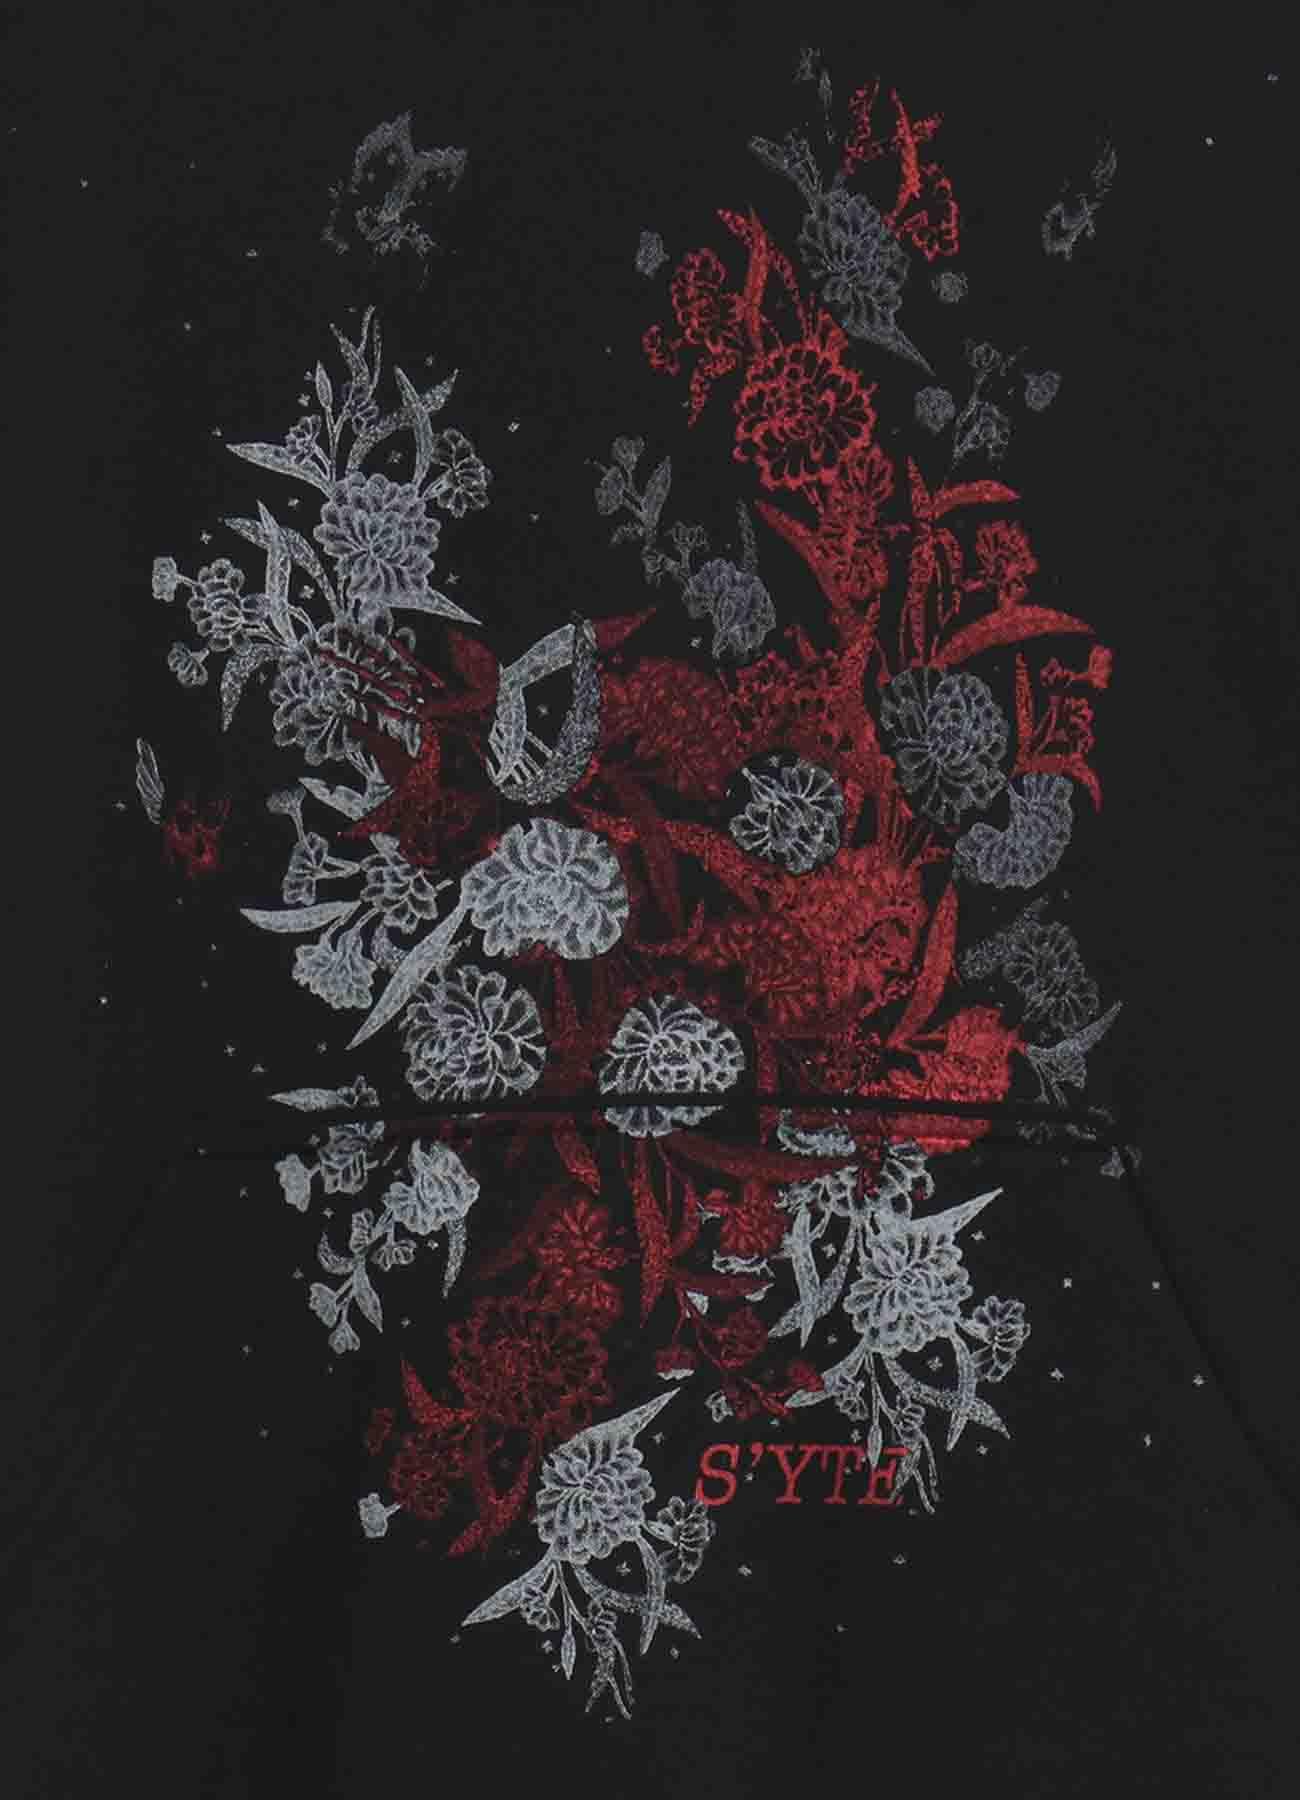 印尼传统蜡染图案帽衫